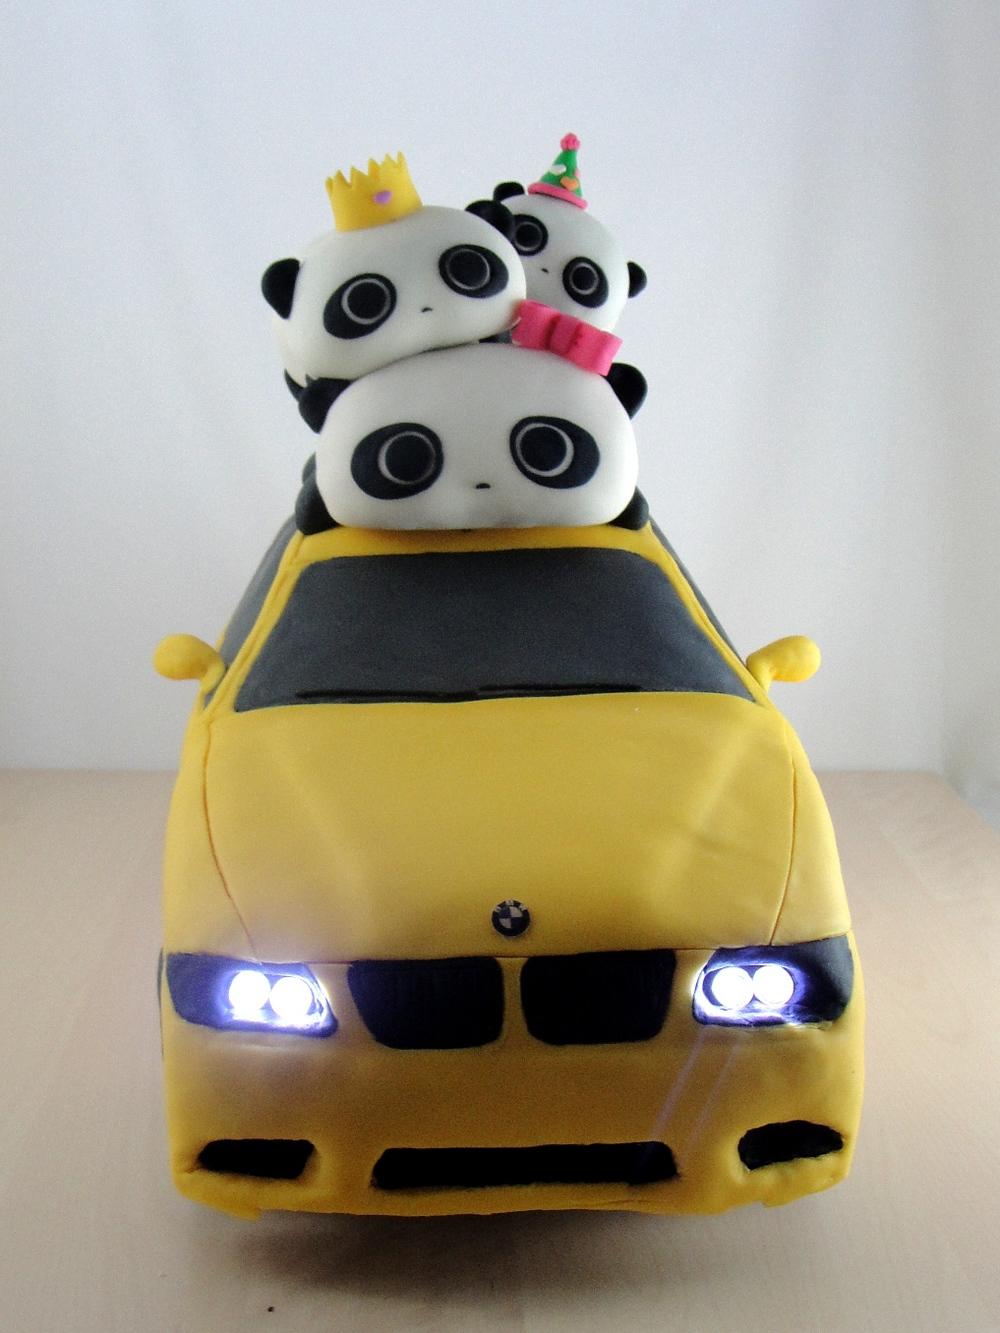 LBC 13P - BMW Pandas Cake 1.jpg